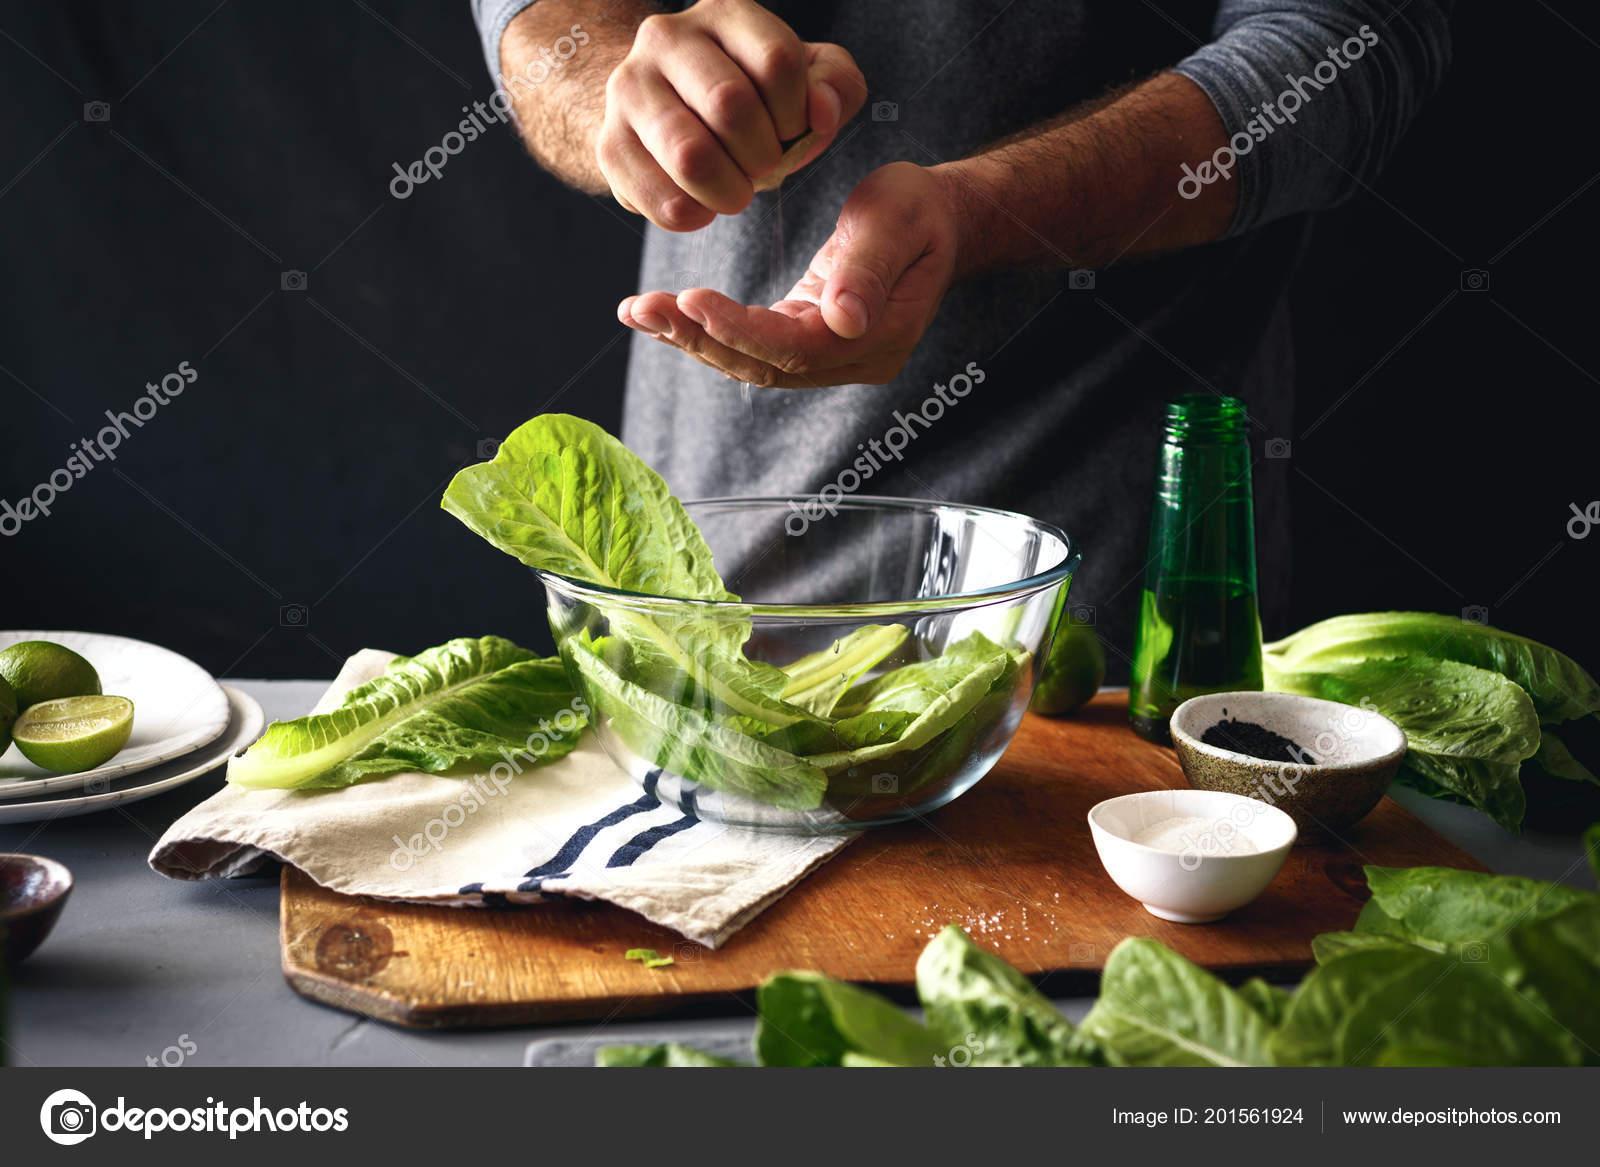 Cocinar Lechuga | Hombre Cocinar Ensalada Verde Lechuga Romana Concepto Comida